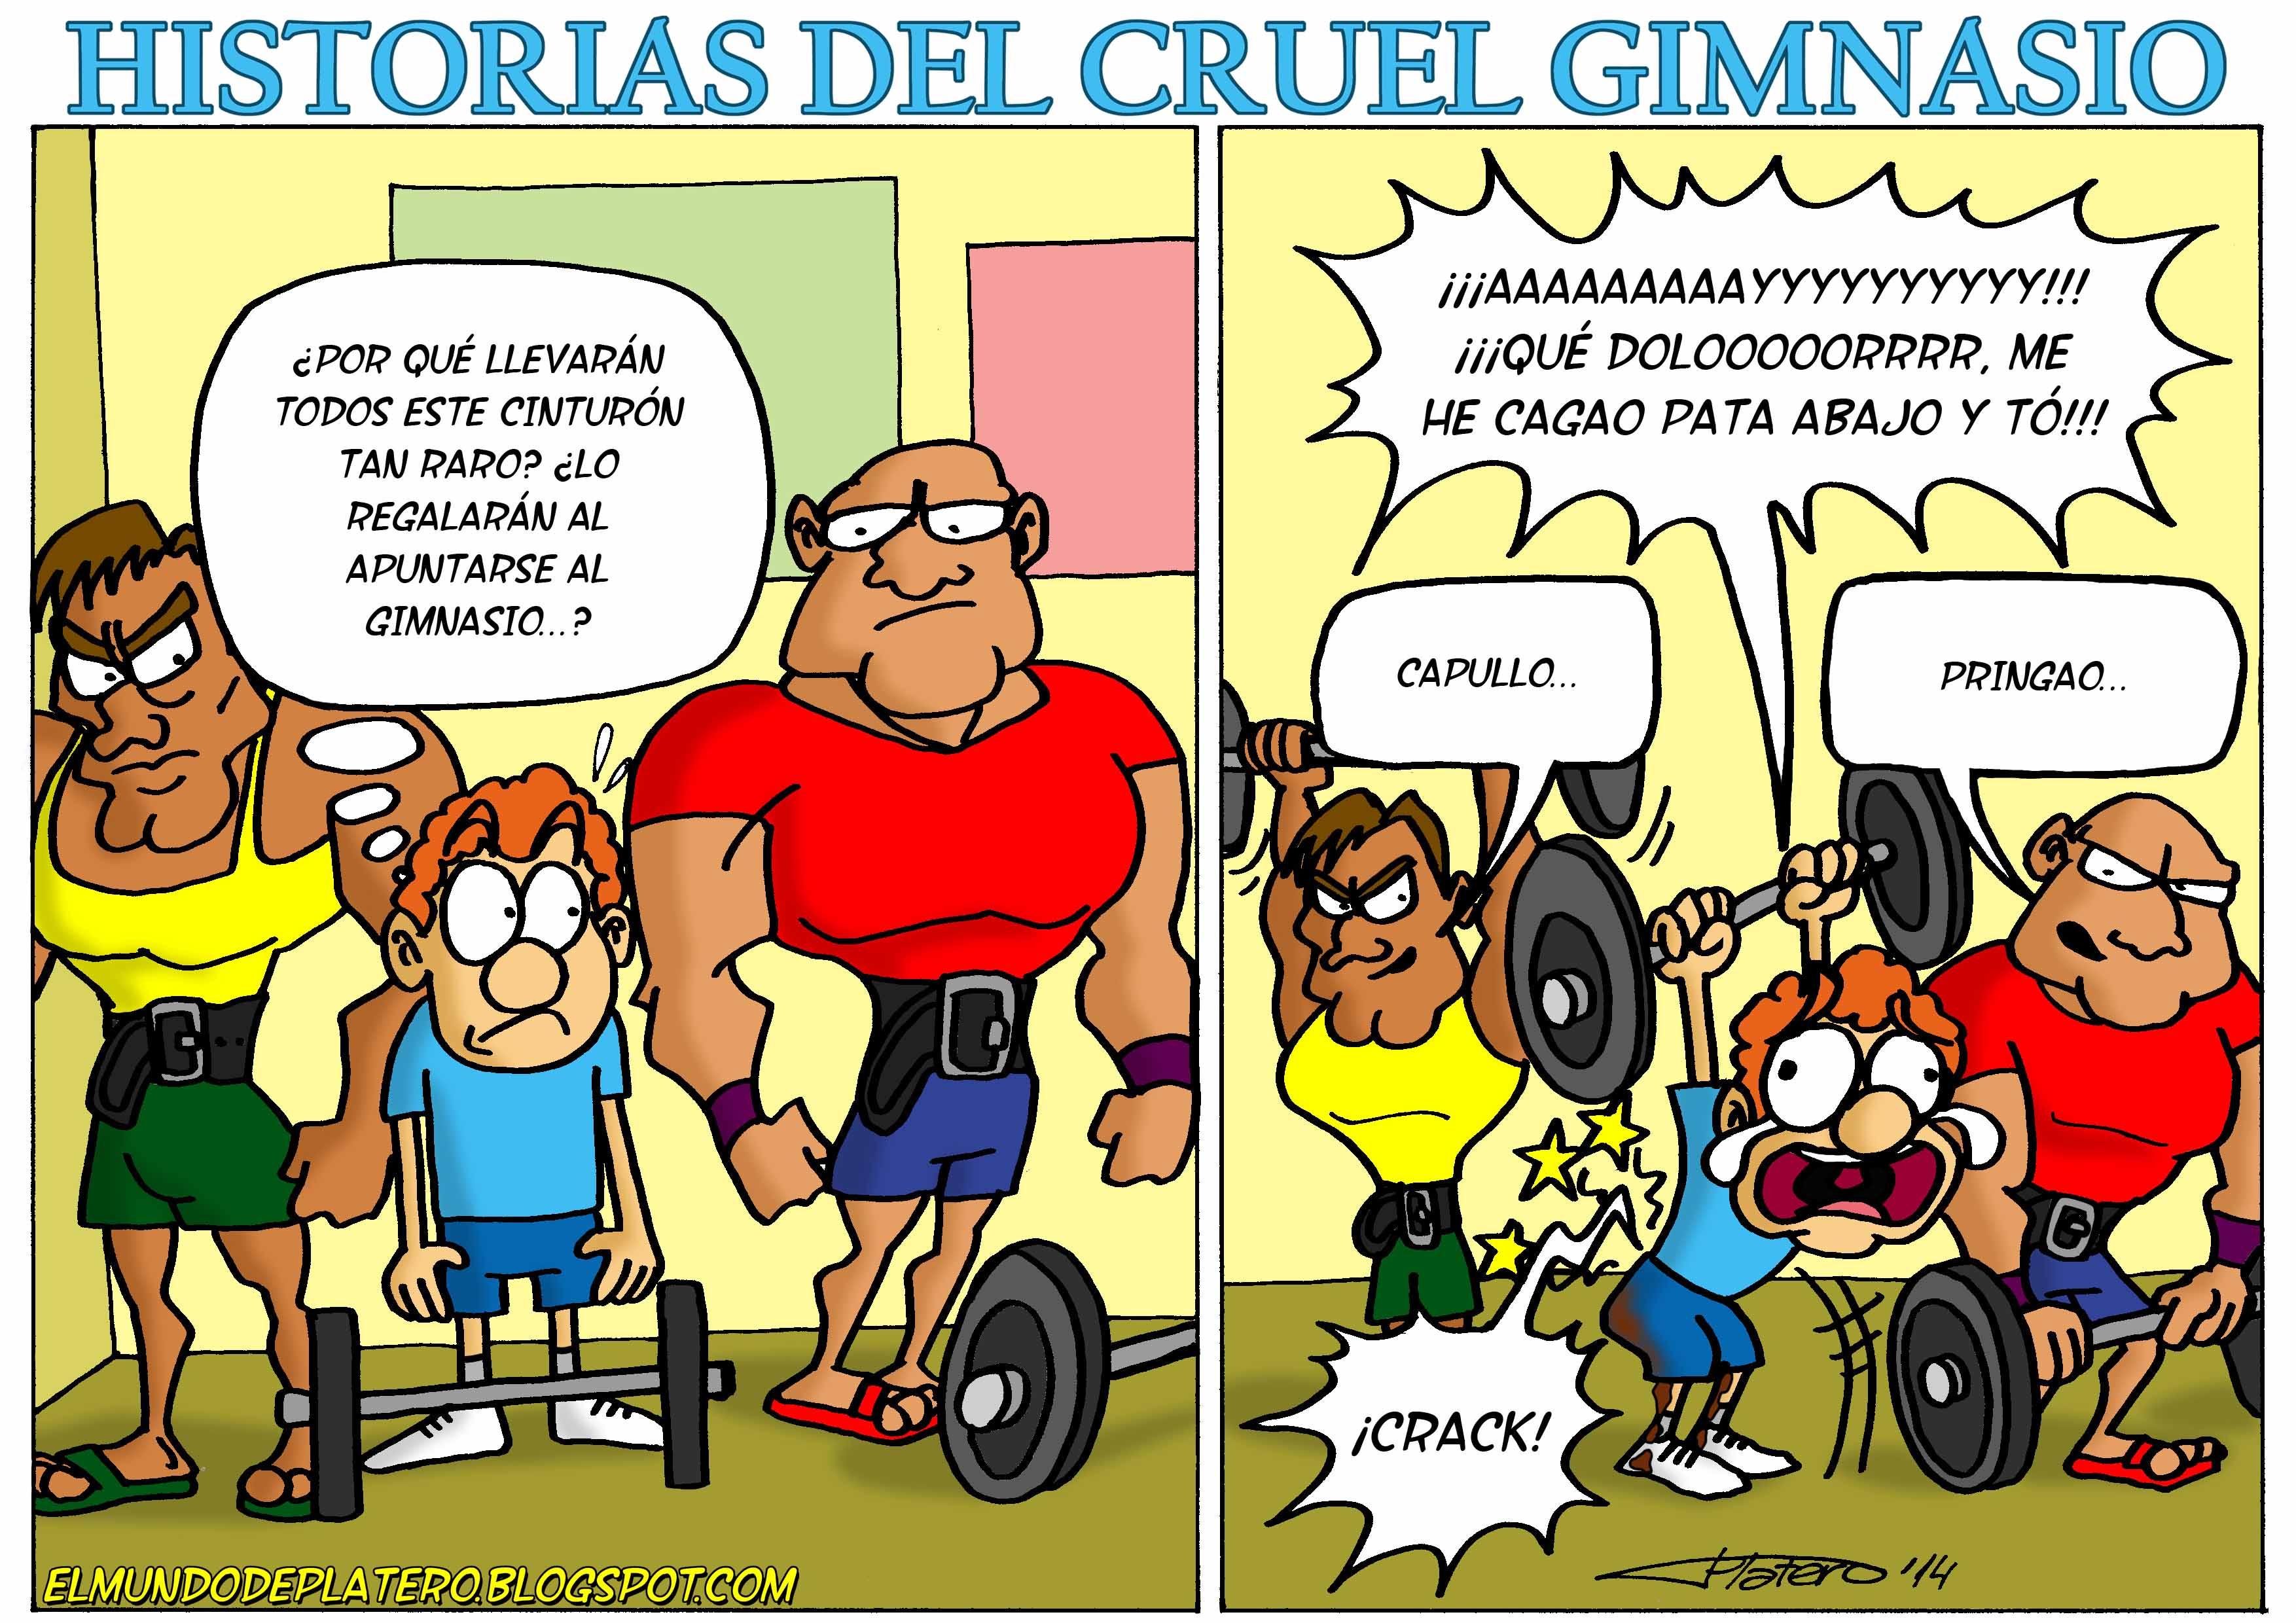 historias del cruel gimnasio5_elmundodeplatero_josé luis platero_cómic_humor.jpg